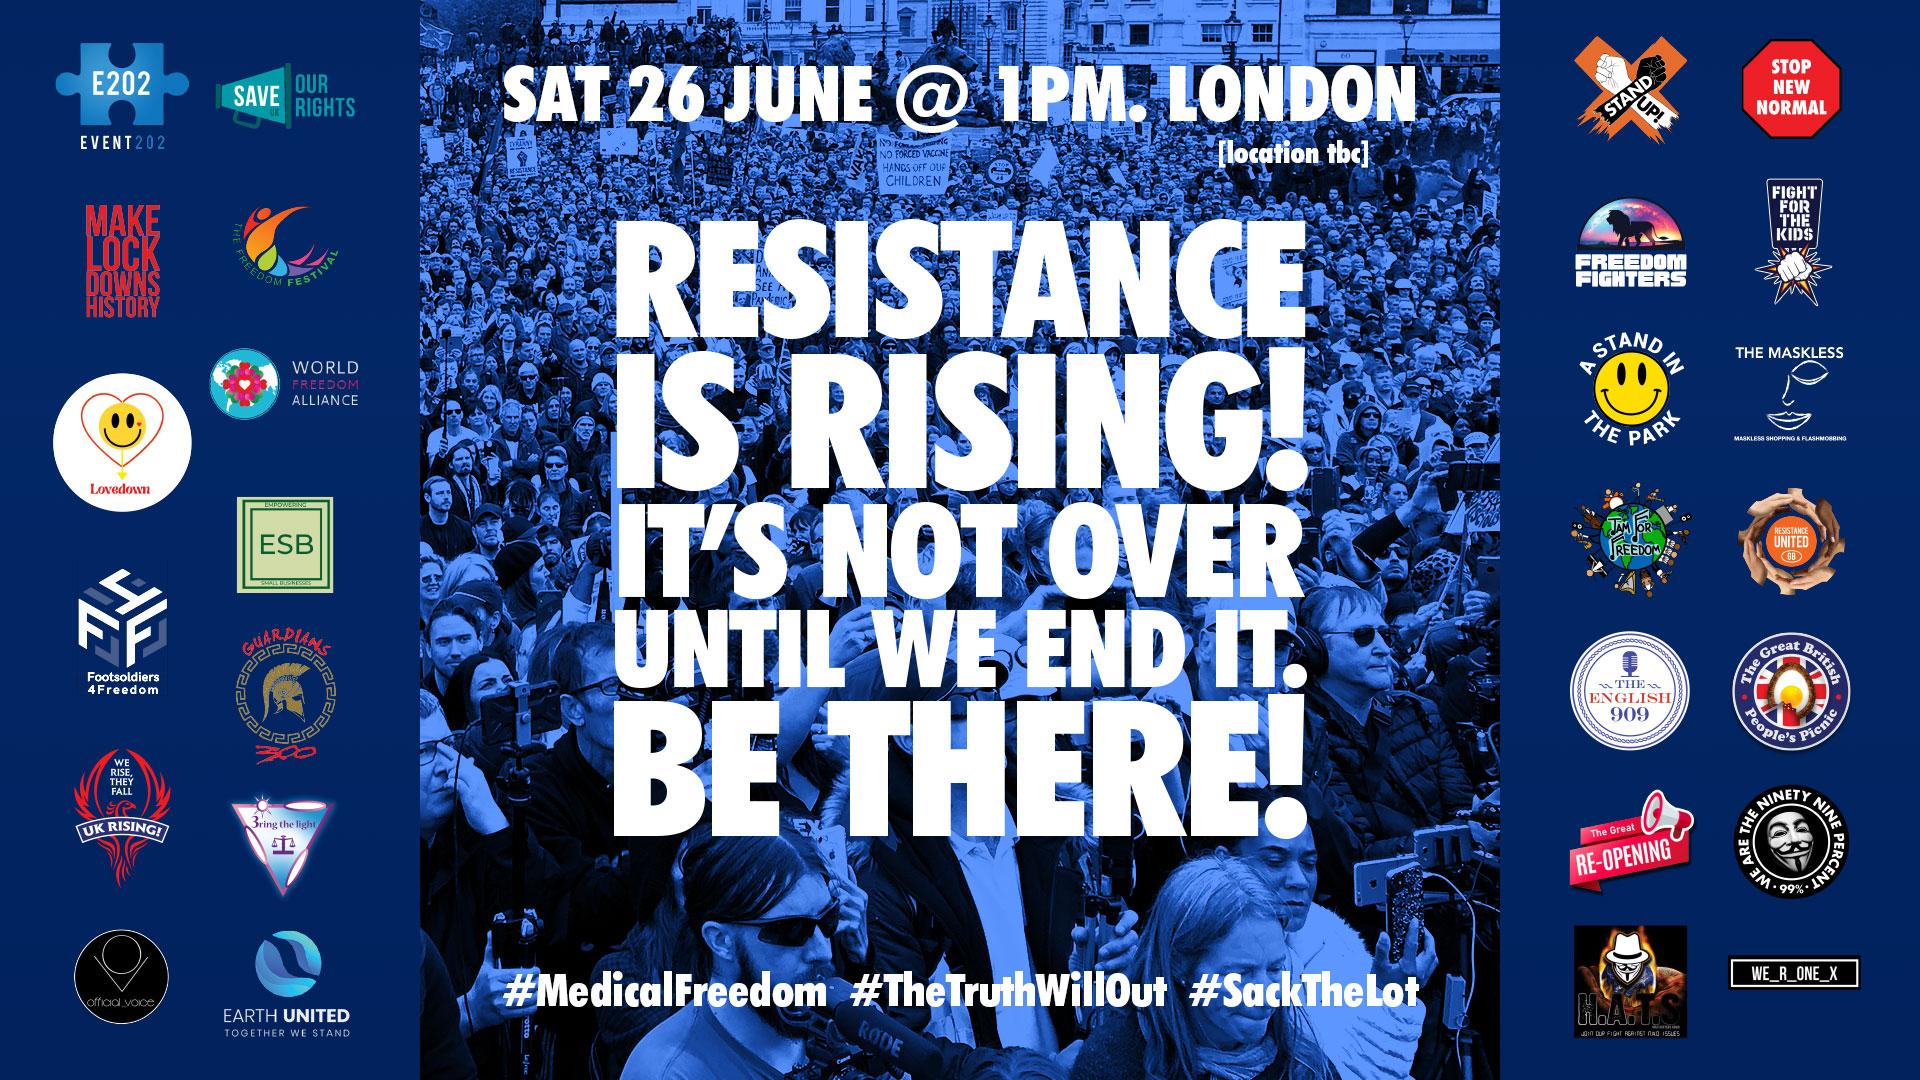 #UniteForFreedom